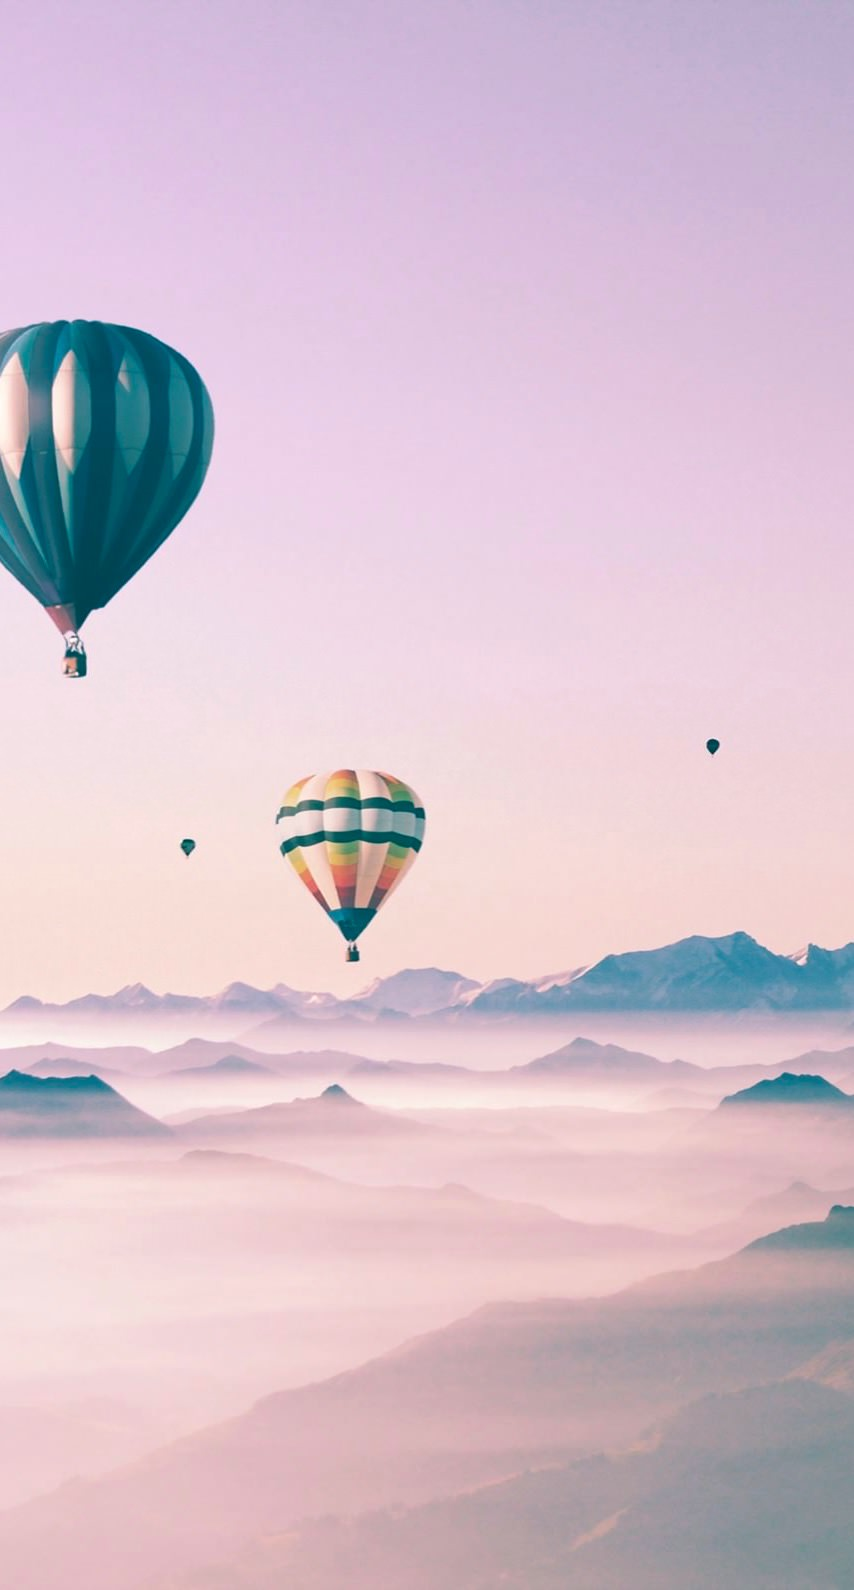 風景気球女子向け可愛い空 Wallpaper Sc Iphone6s壁紙